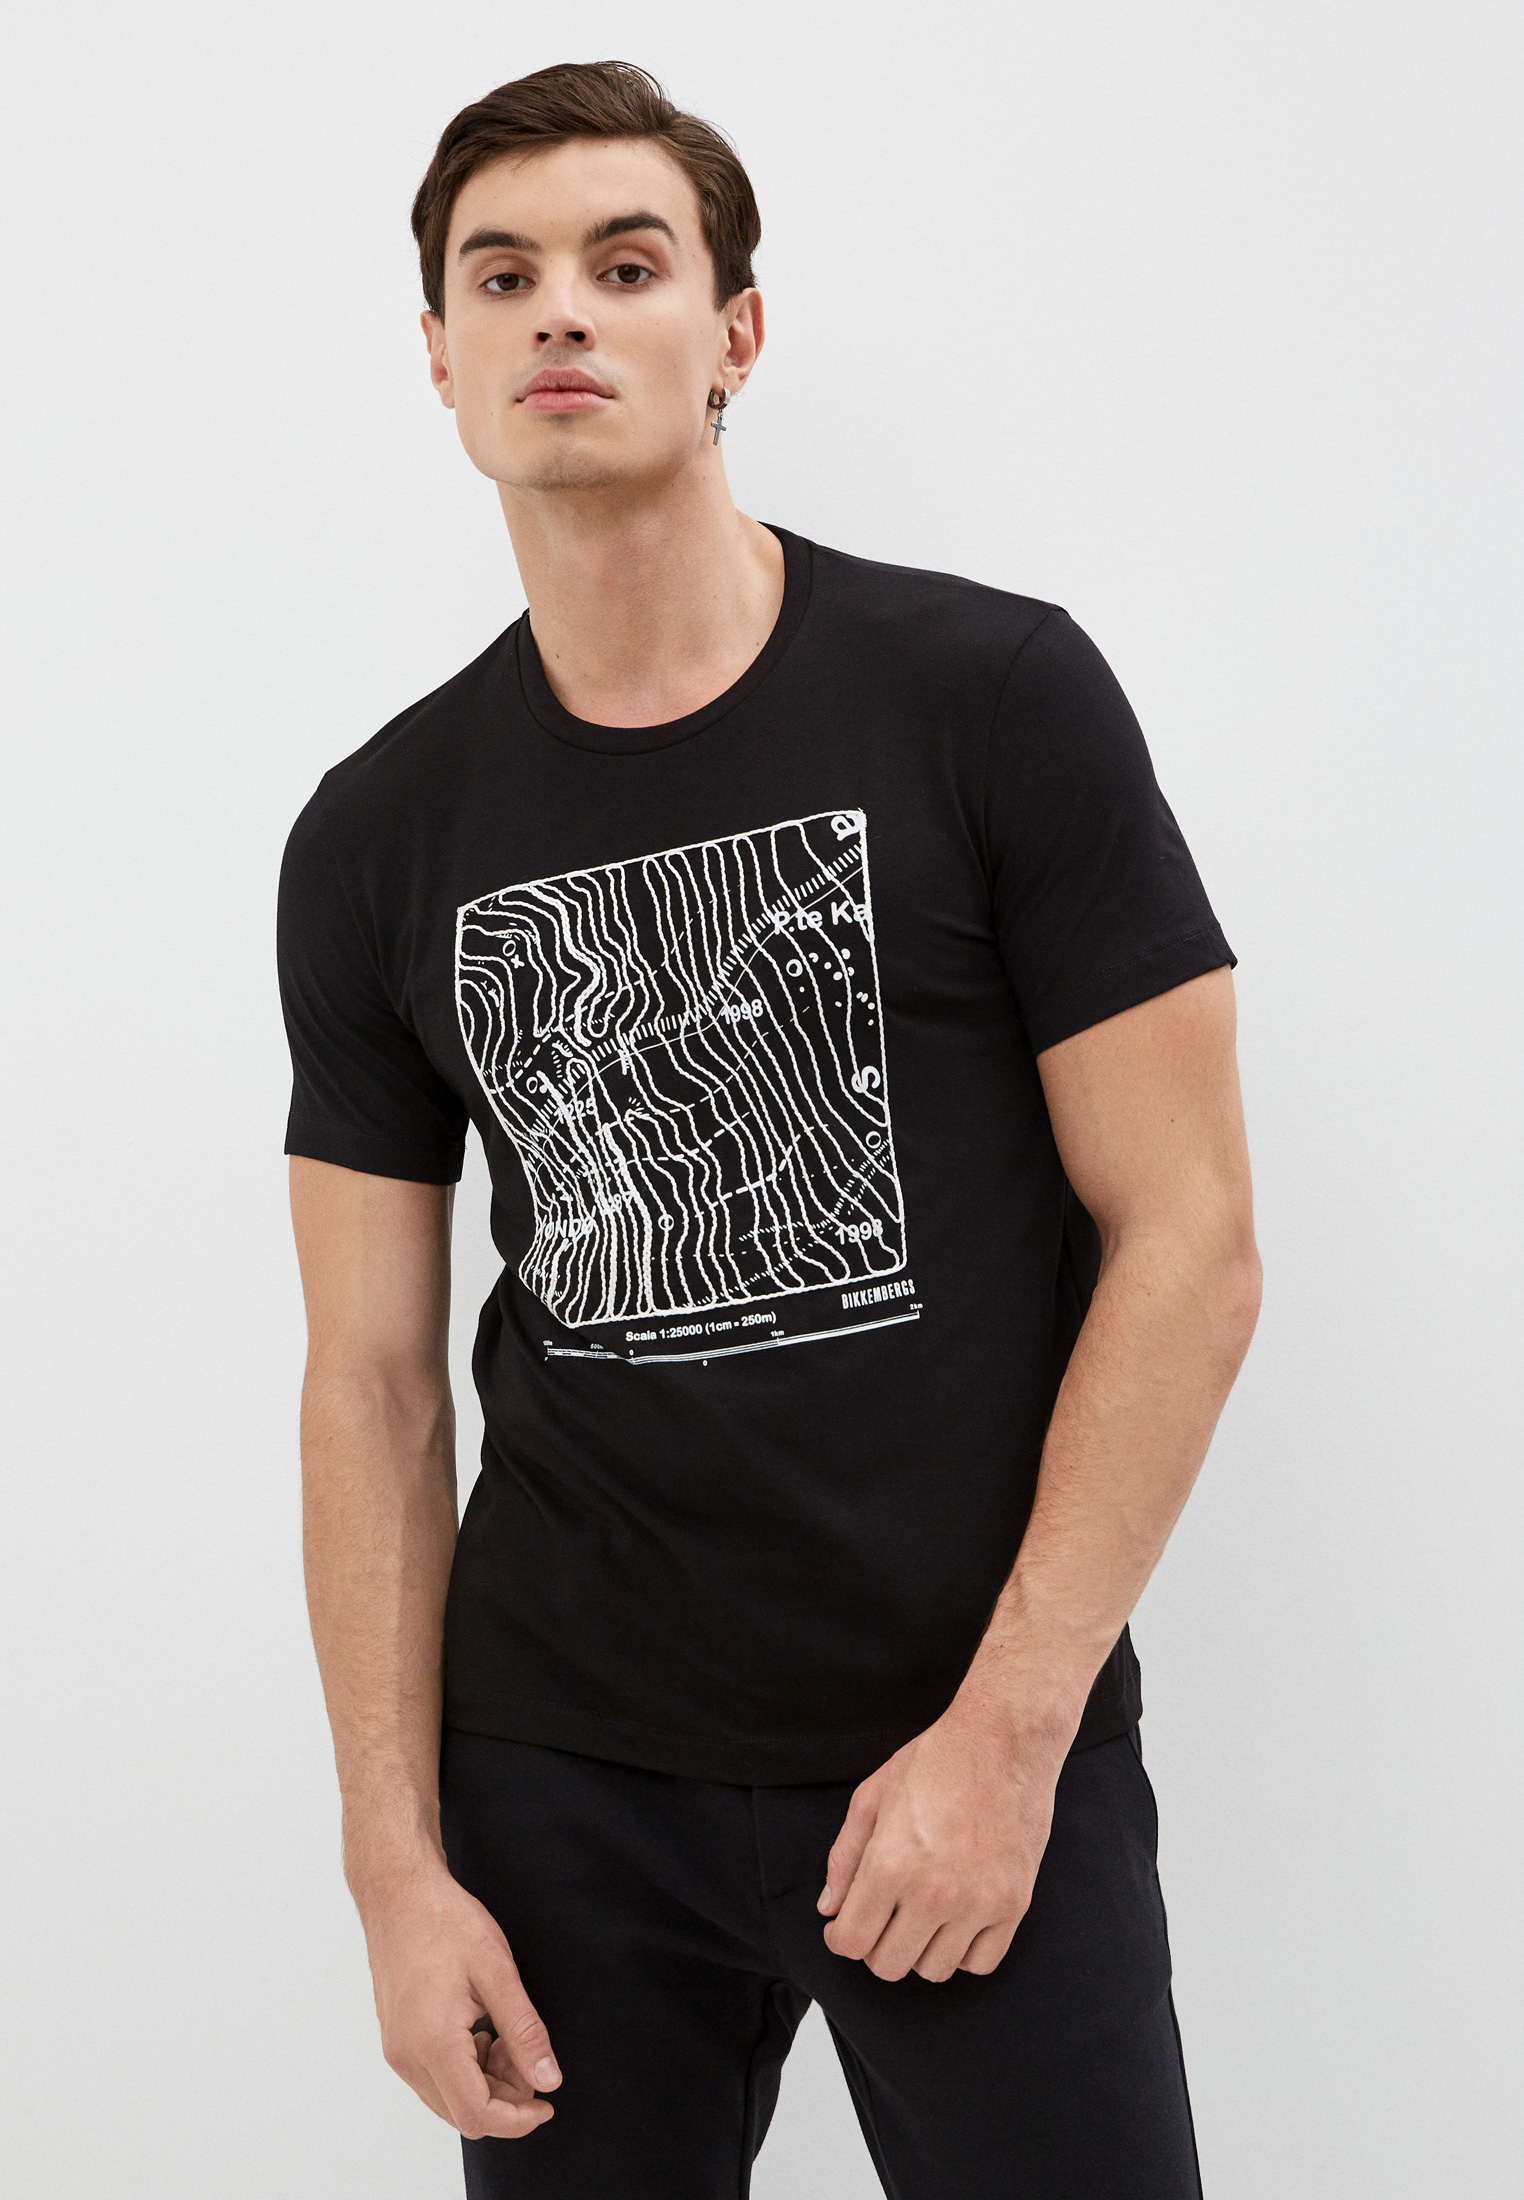 Мужская футболка Bikkembergs (Биккембергс) C 7 001 3G E 2087